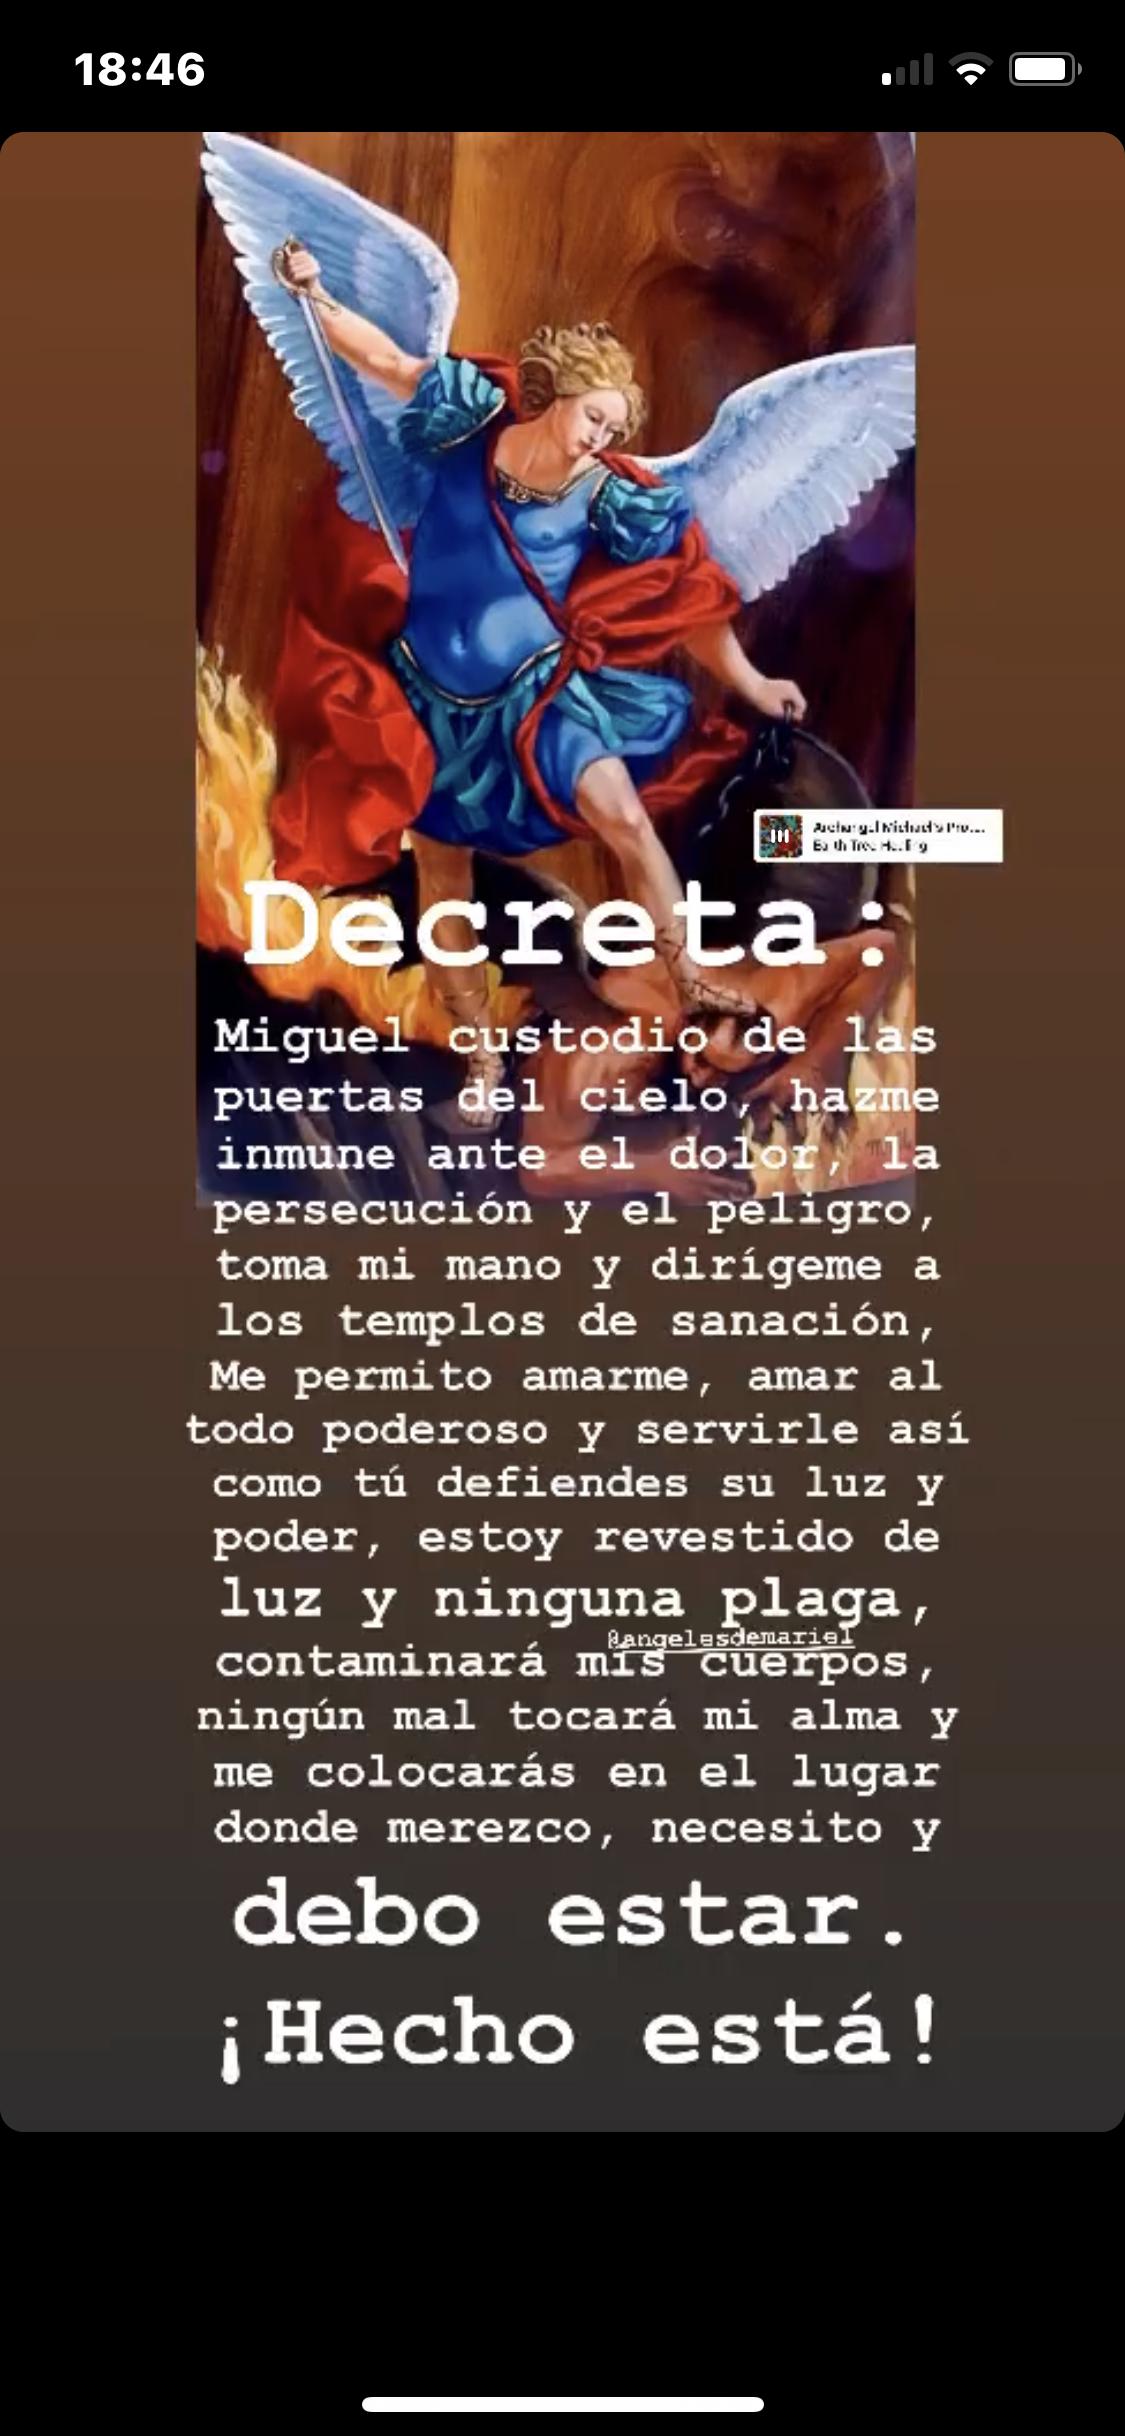 Pin De Yalila Sanchez En Arcángeles En 2020 Oracion Para Casos Desesperados Oraciones Poderosas Oraciones Religiosas